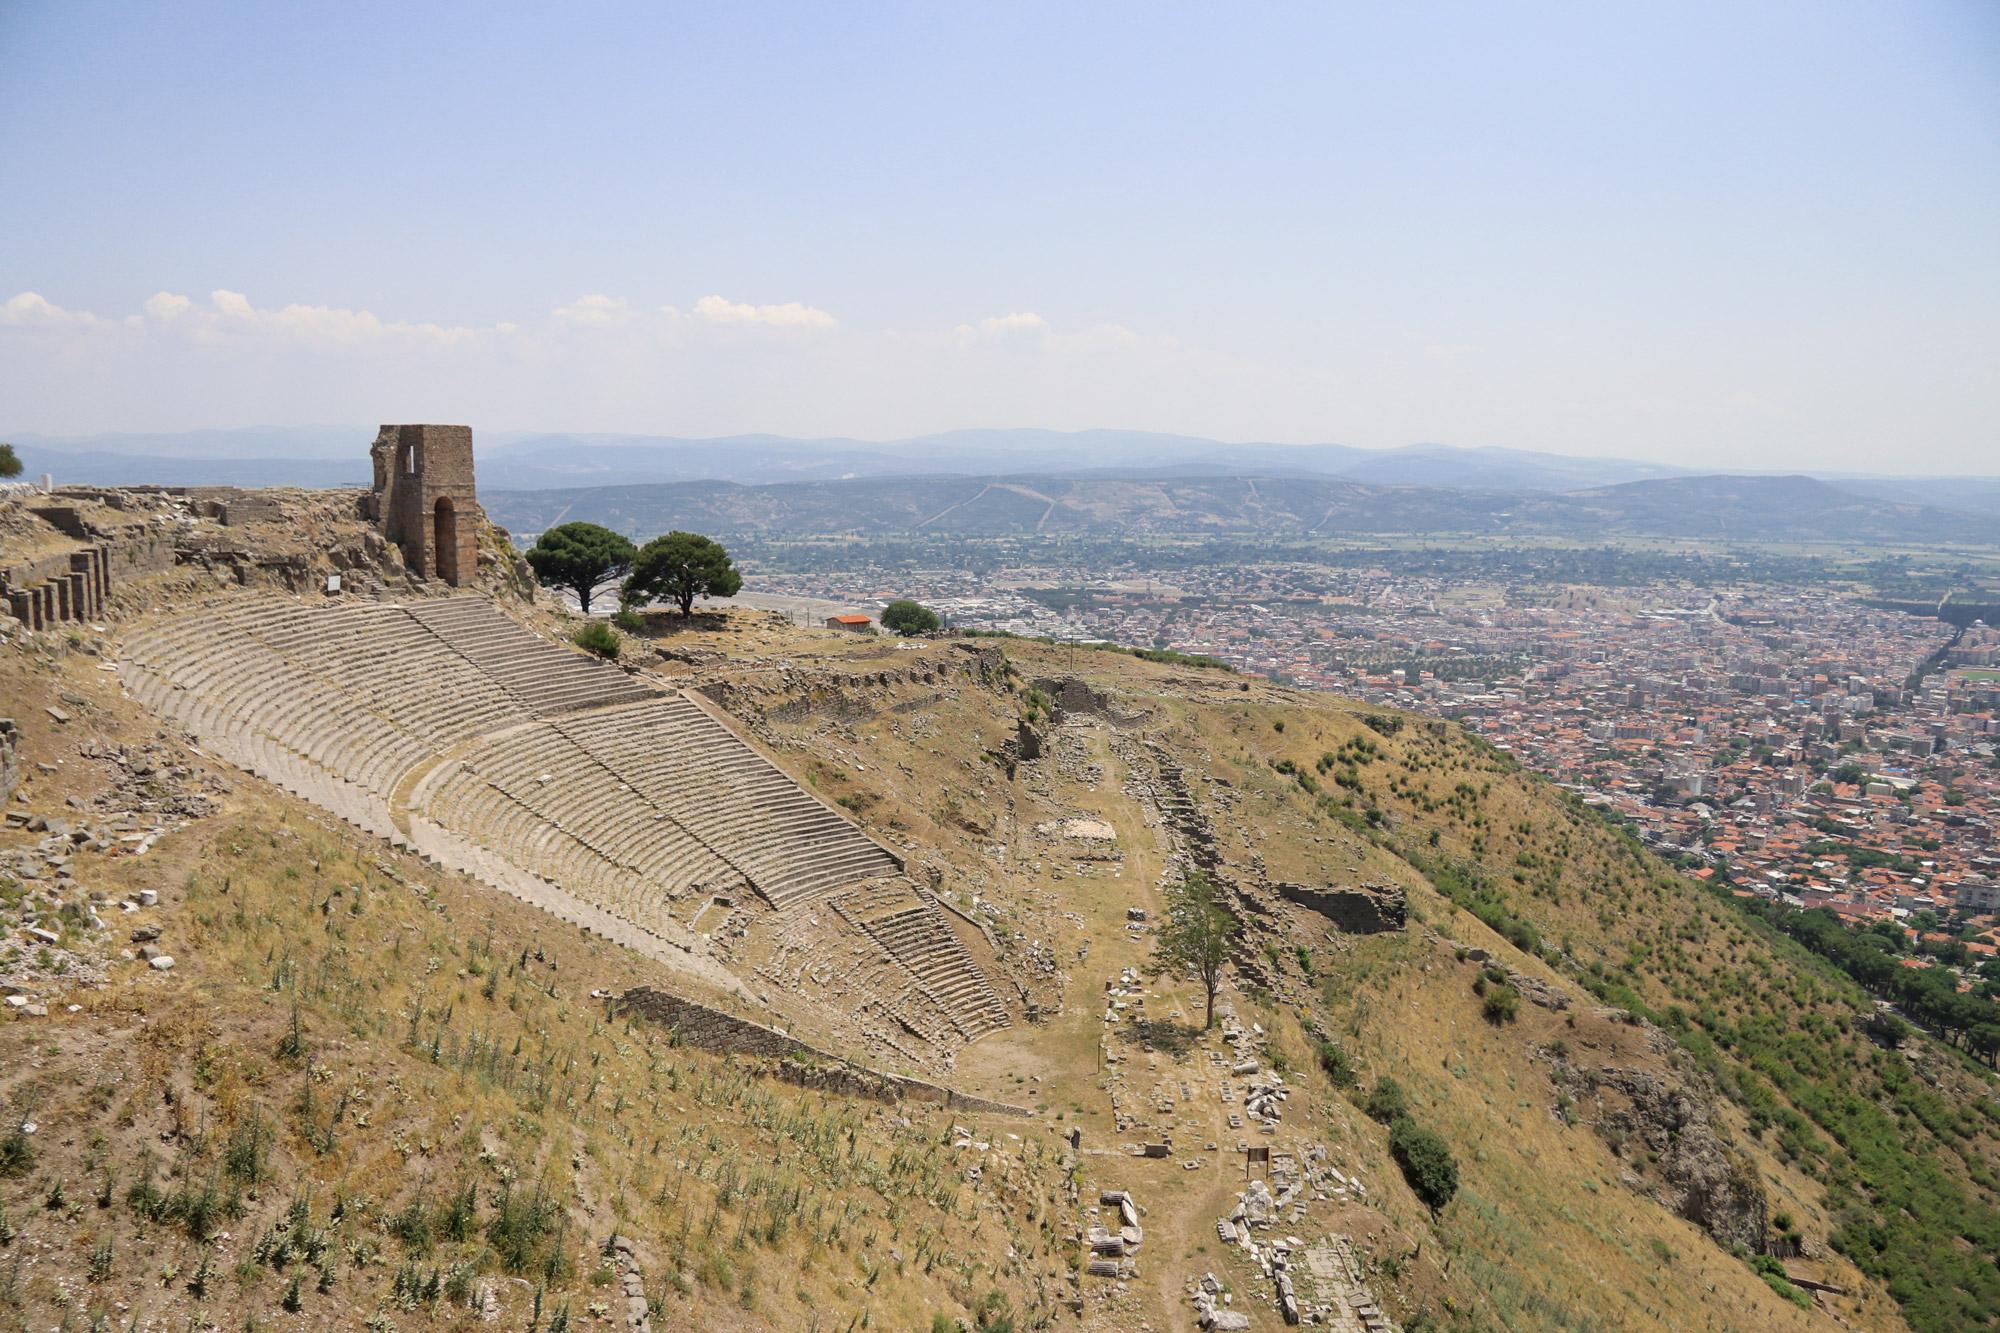 Mooiste reisfoto's van 2017 - Pergamon